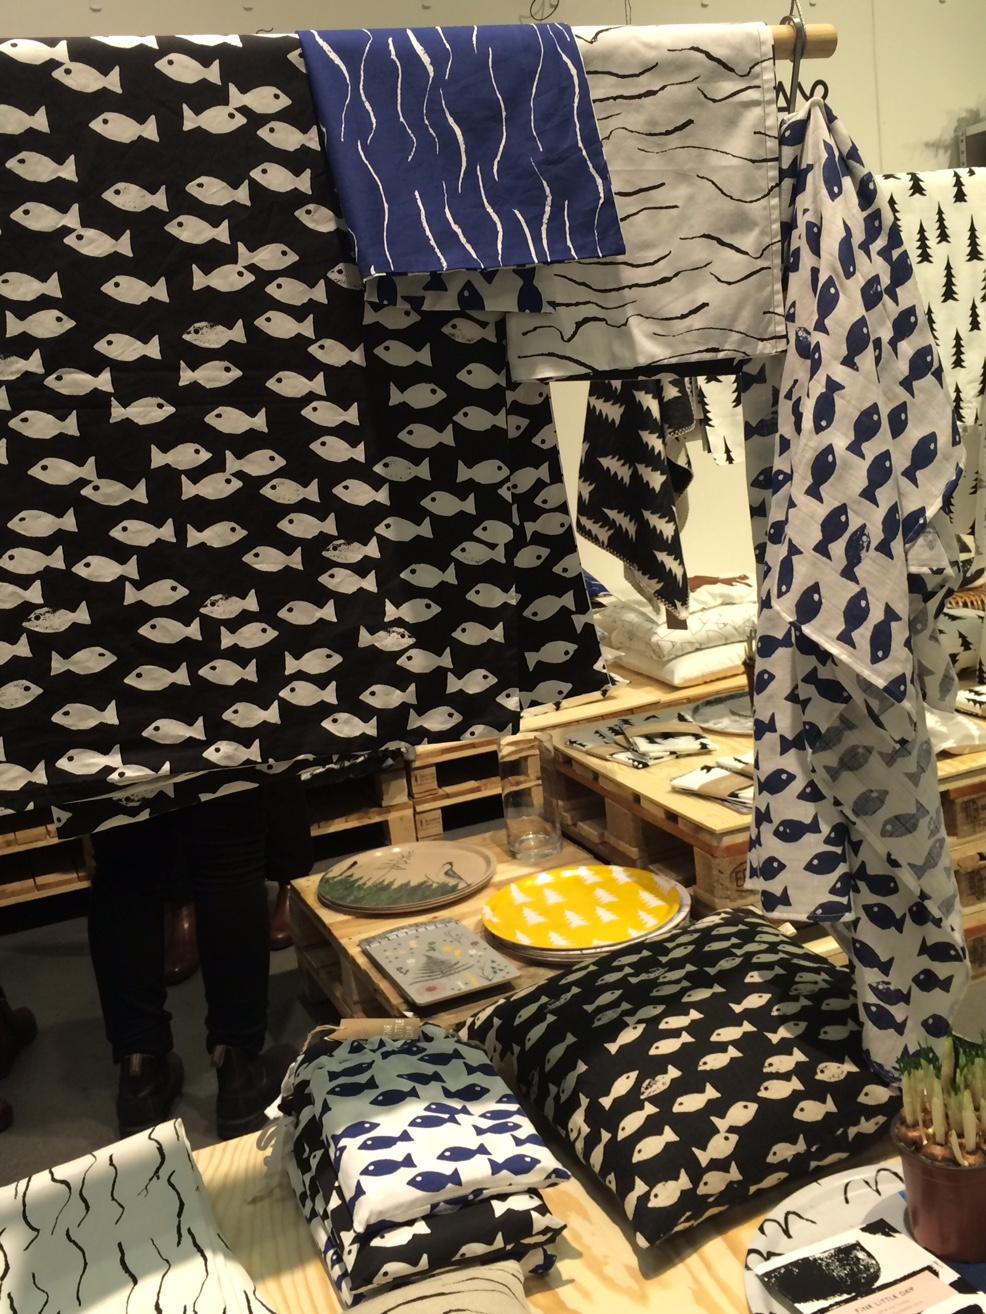 Mycket nytt och inspirerande i Fine Little Days monter - fina fiskar! Textil var något jag generellt blev mycket inspirerad av på mässan, här fanns mycket på temat. (Foto Kurbits)